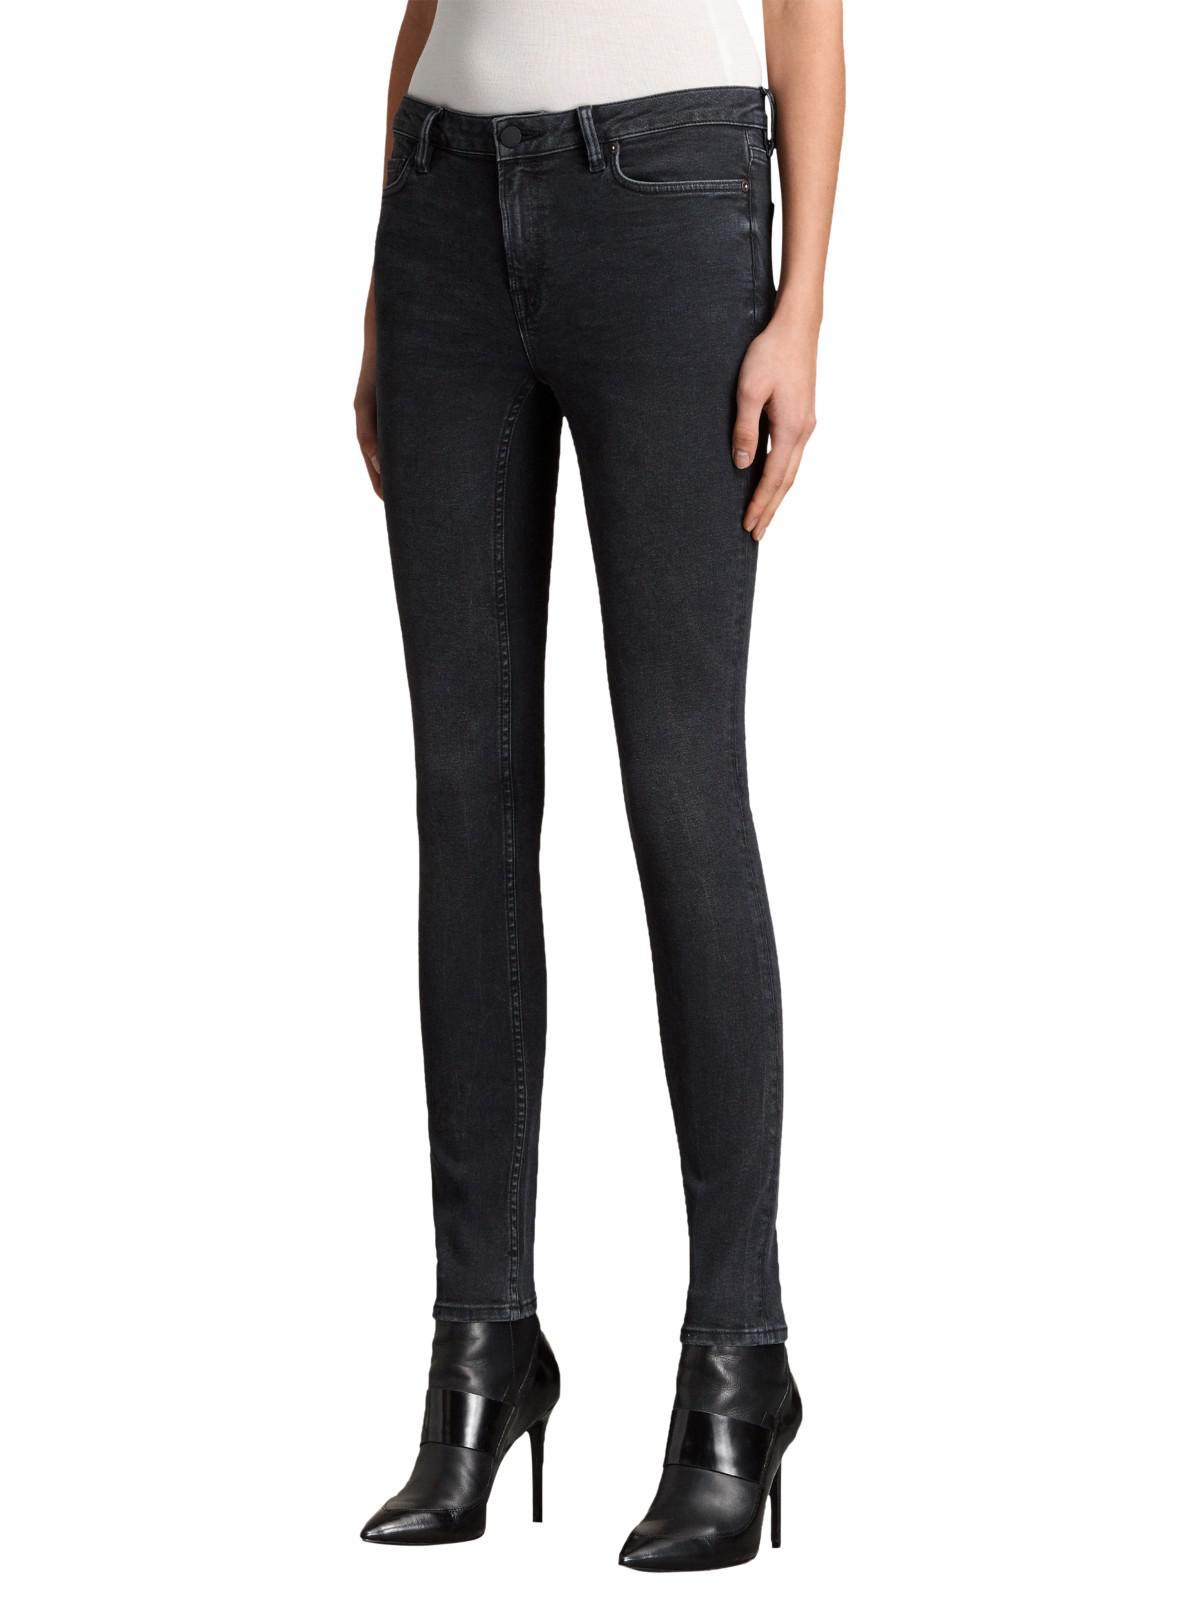 AllSaints Denim Mast Skinny Jeans in Washed Black (Black)